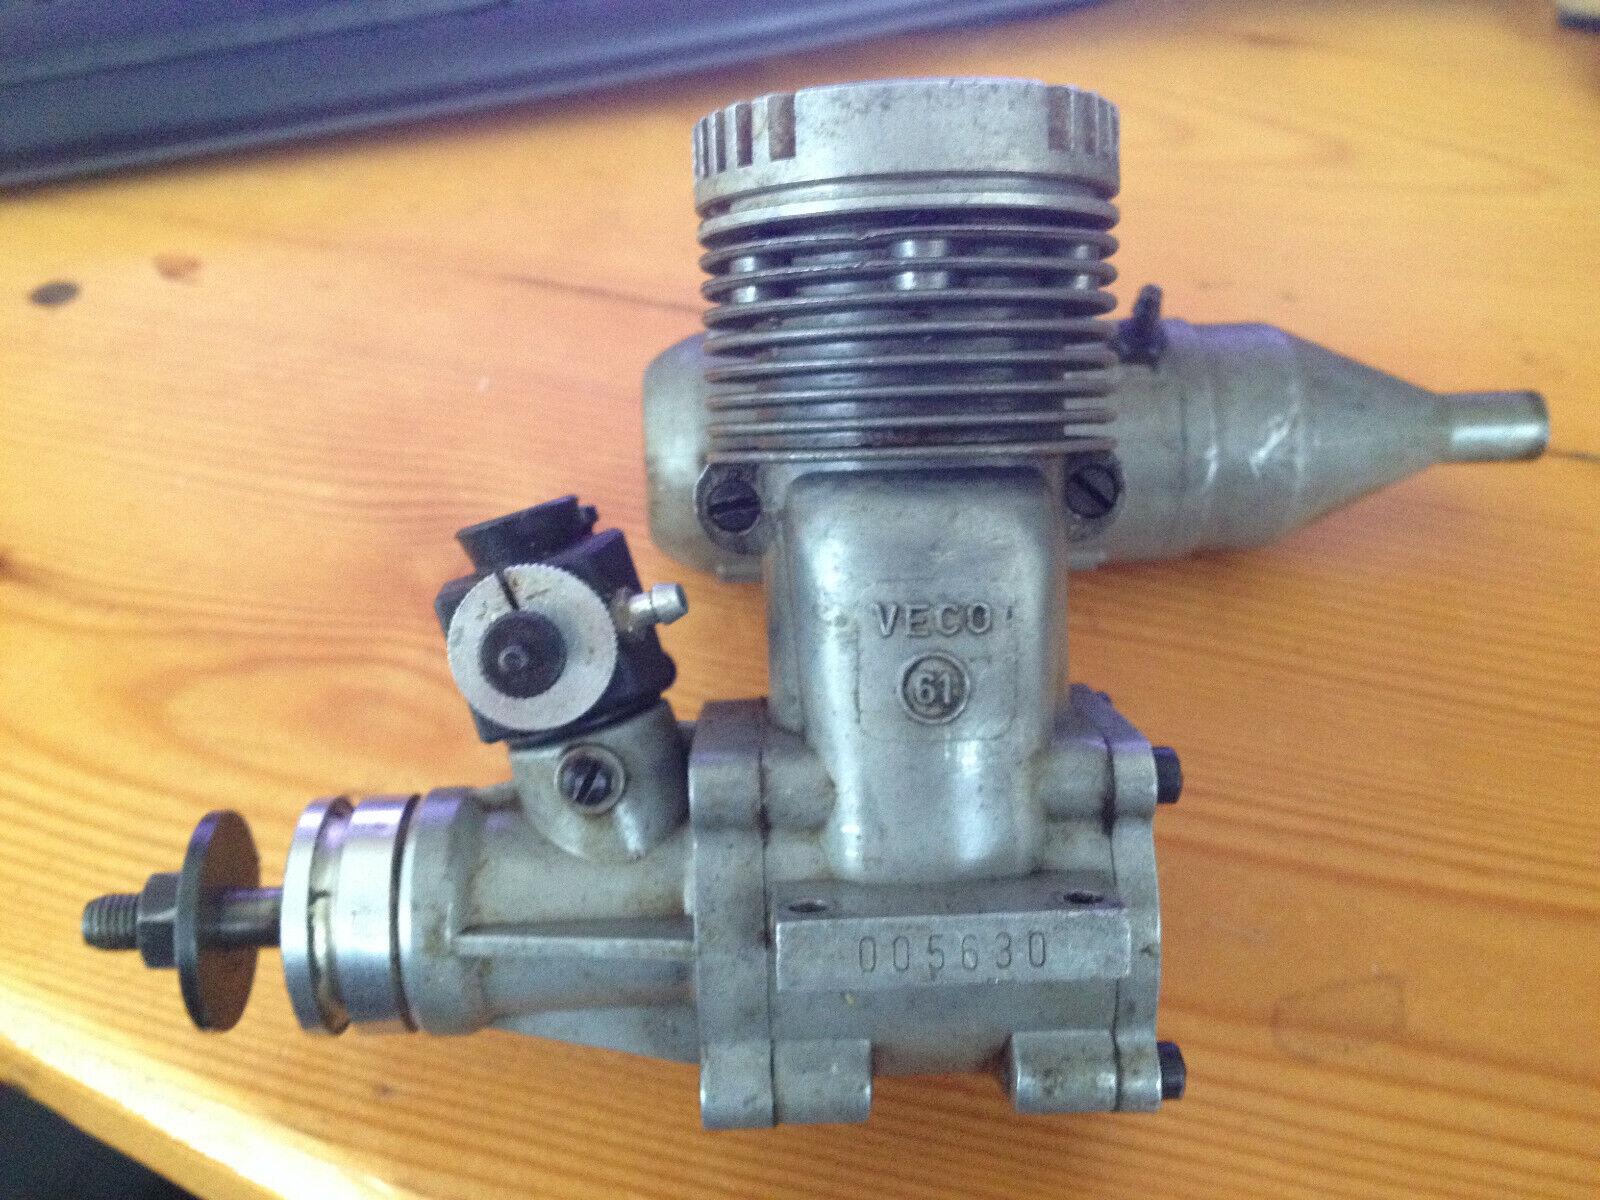 VECO 61 con silenciador estático Perry CyeB motor retro nitro flash